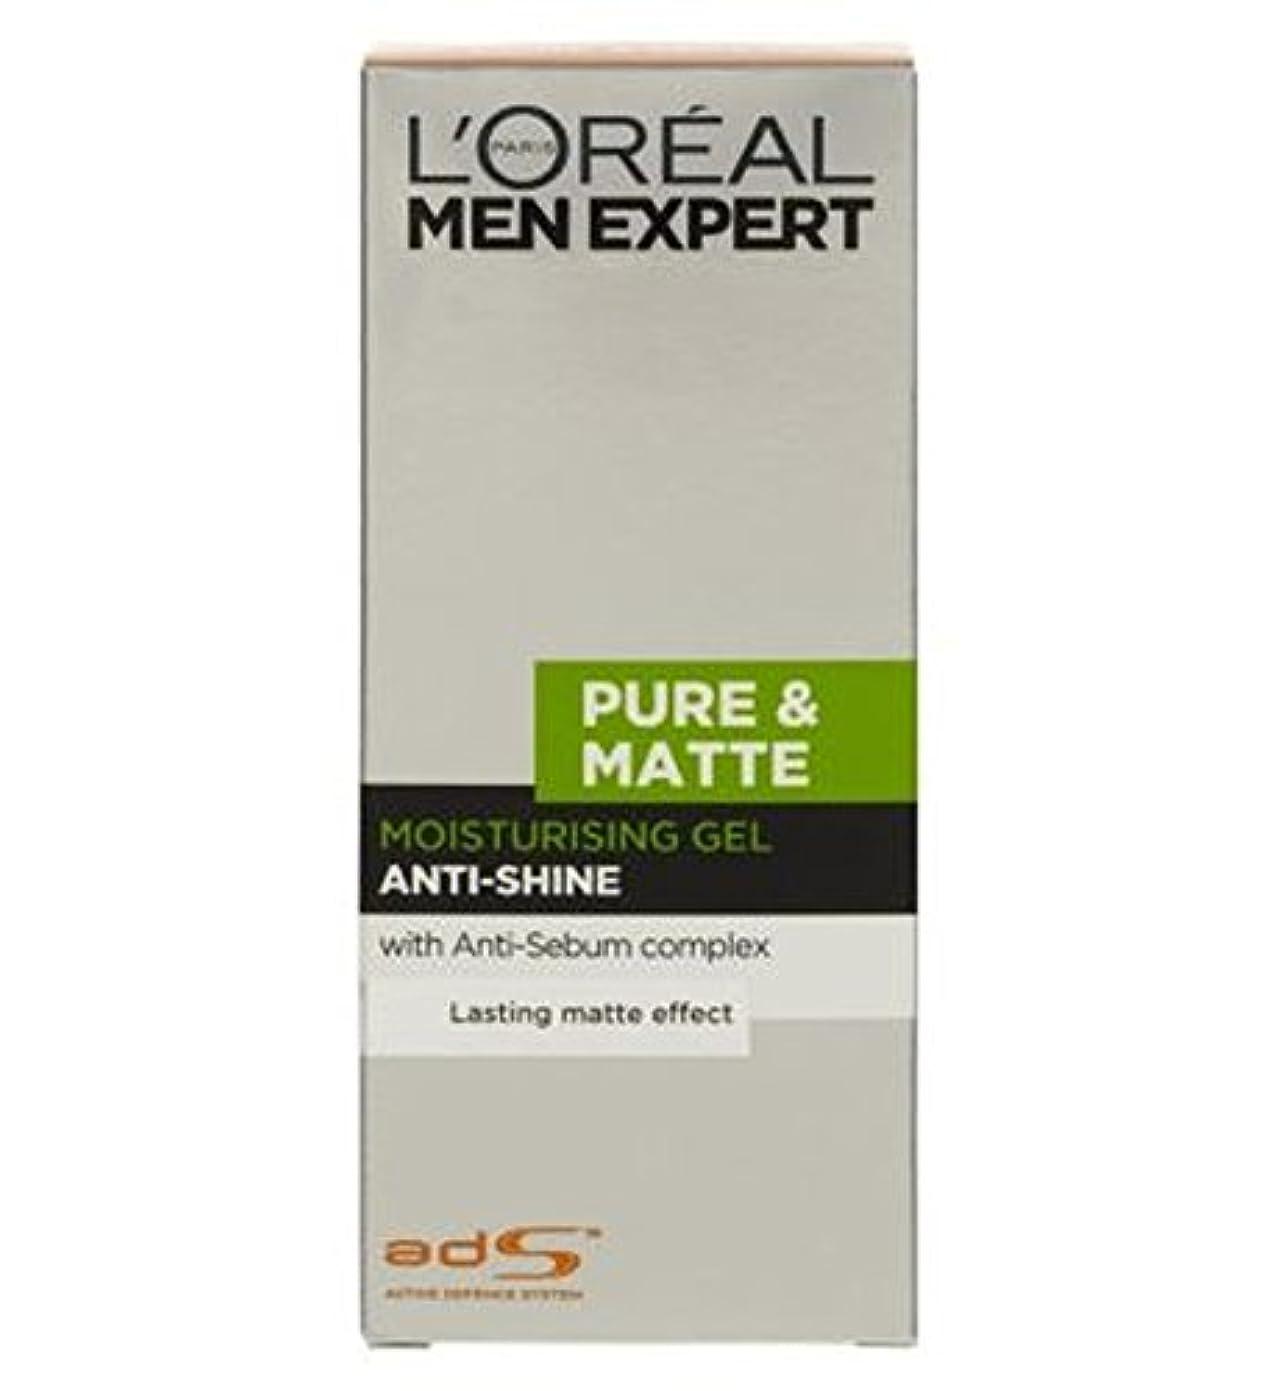 放置誓約神学校ロレアルの男性の専門家純粋&マット抗輝き保湿ゲル50ミリリットル (L'Oreal) (x2) - L'Oreal Men Expert Pure & Matte Anti-Shine Moisturising Gel...